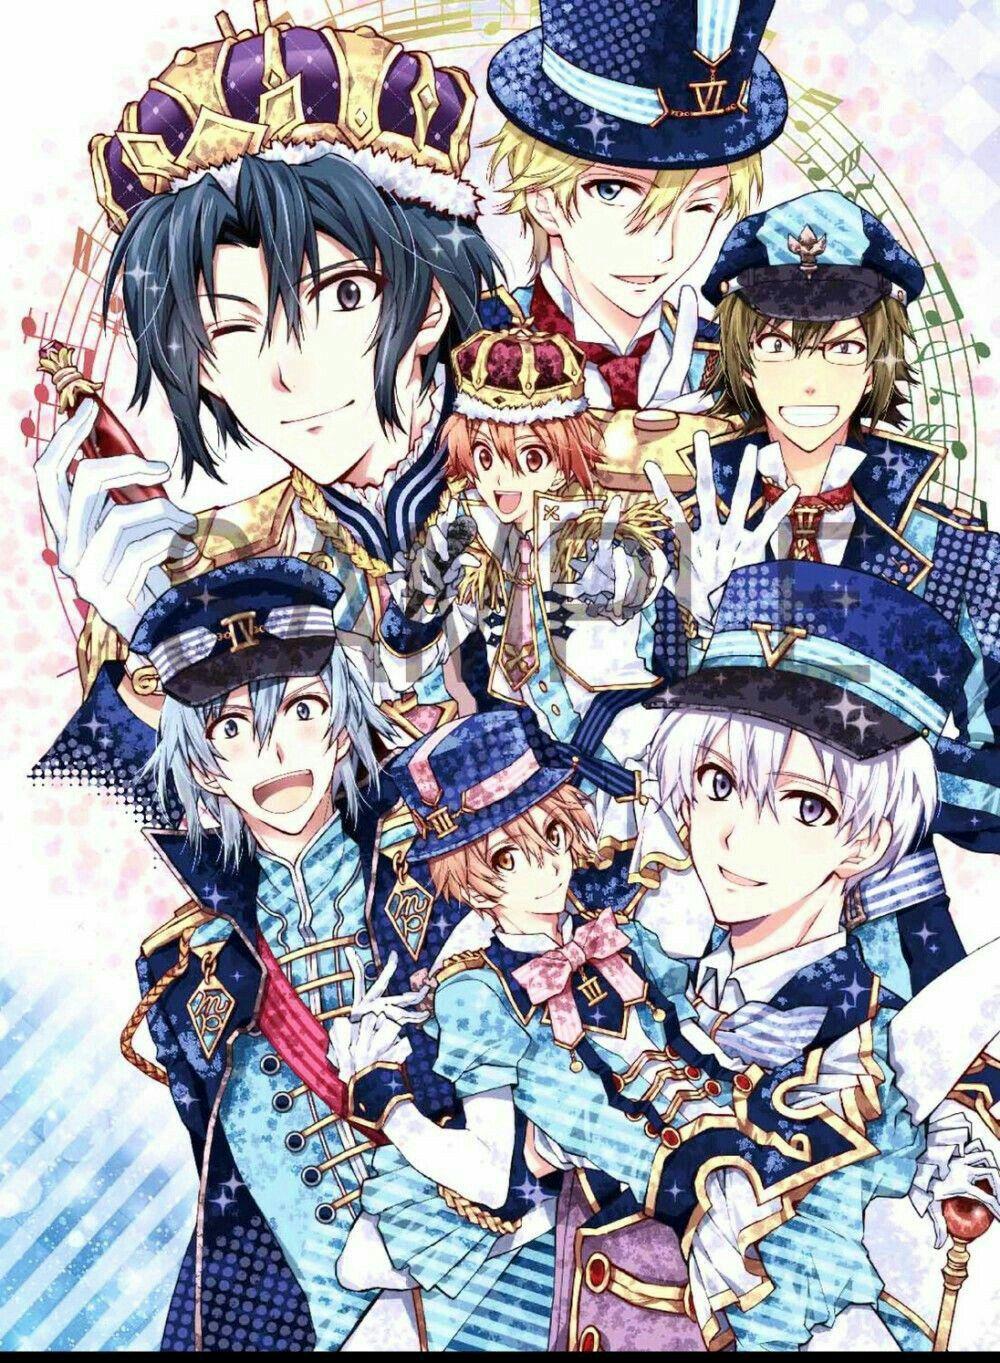 Idolish 7 Anime guys, Anime, Anime music